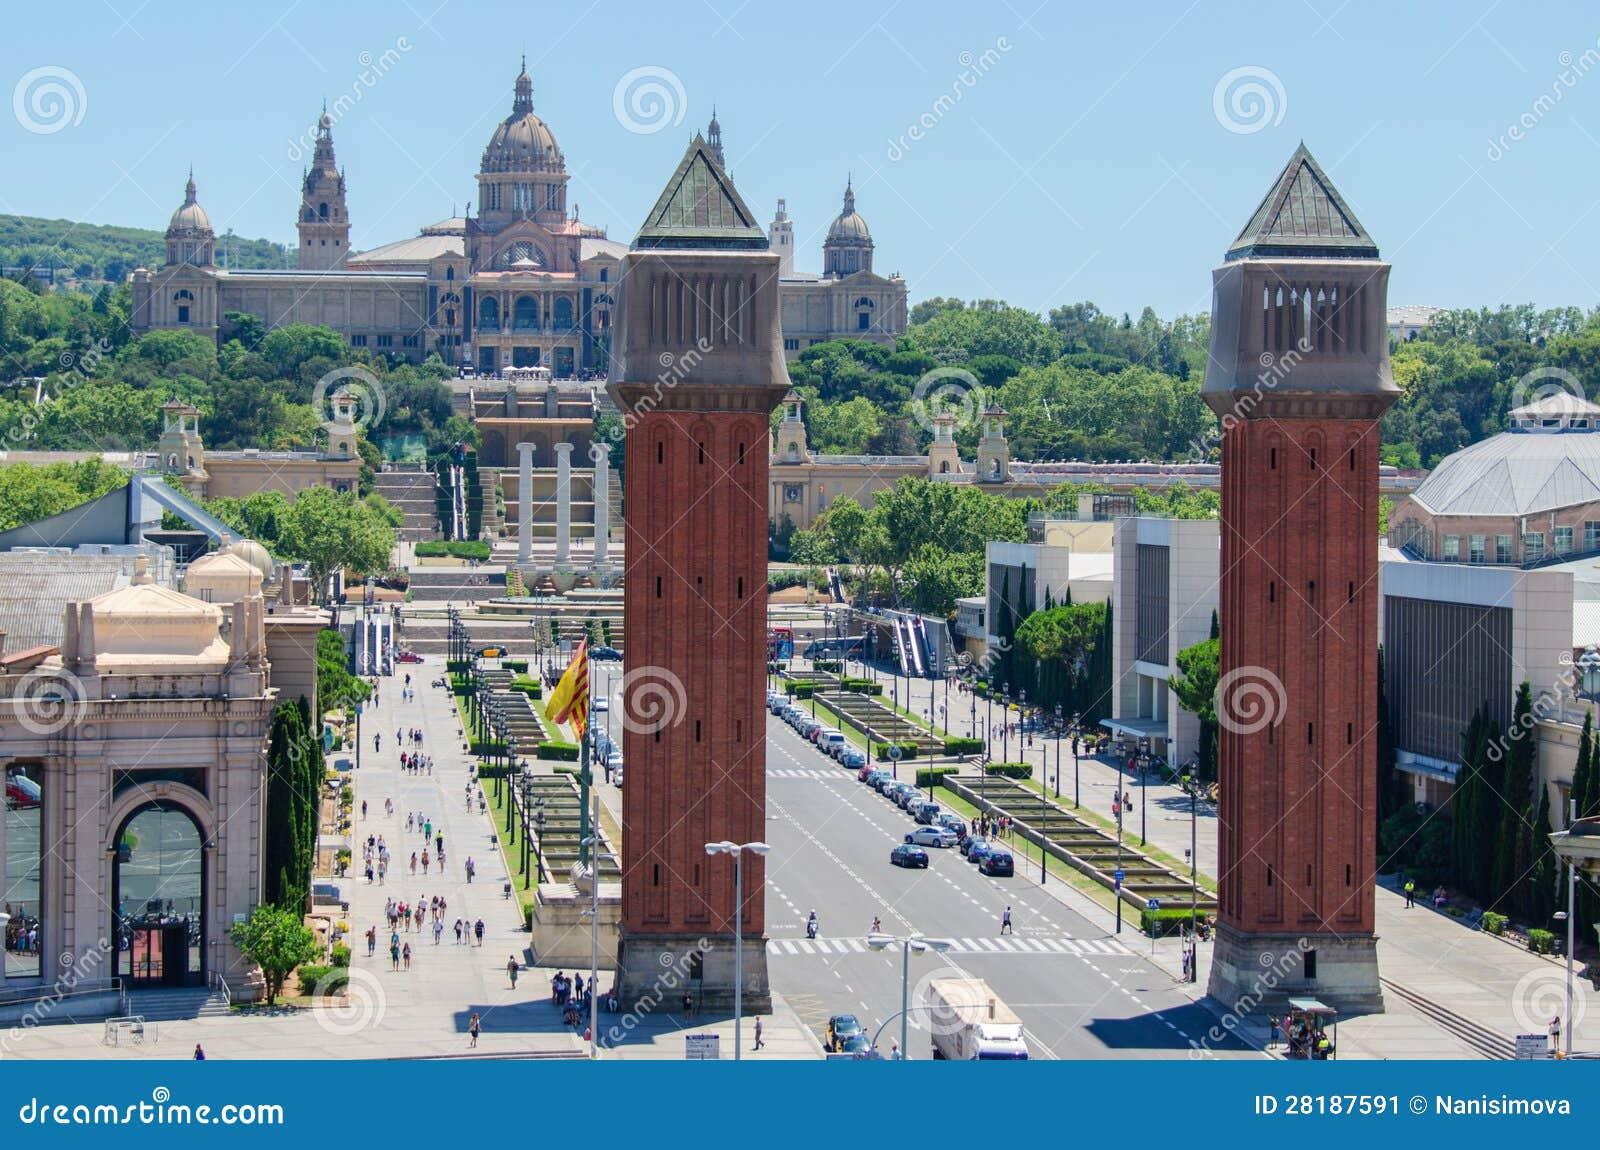 Affitti Barcellona Spagna Of Le Torri Veneziane Piombo Il Modo Al Mnac Barcellona